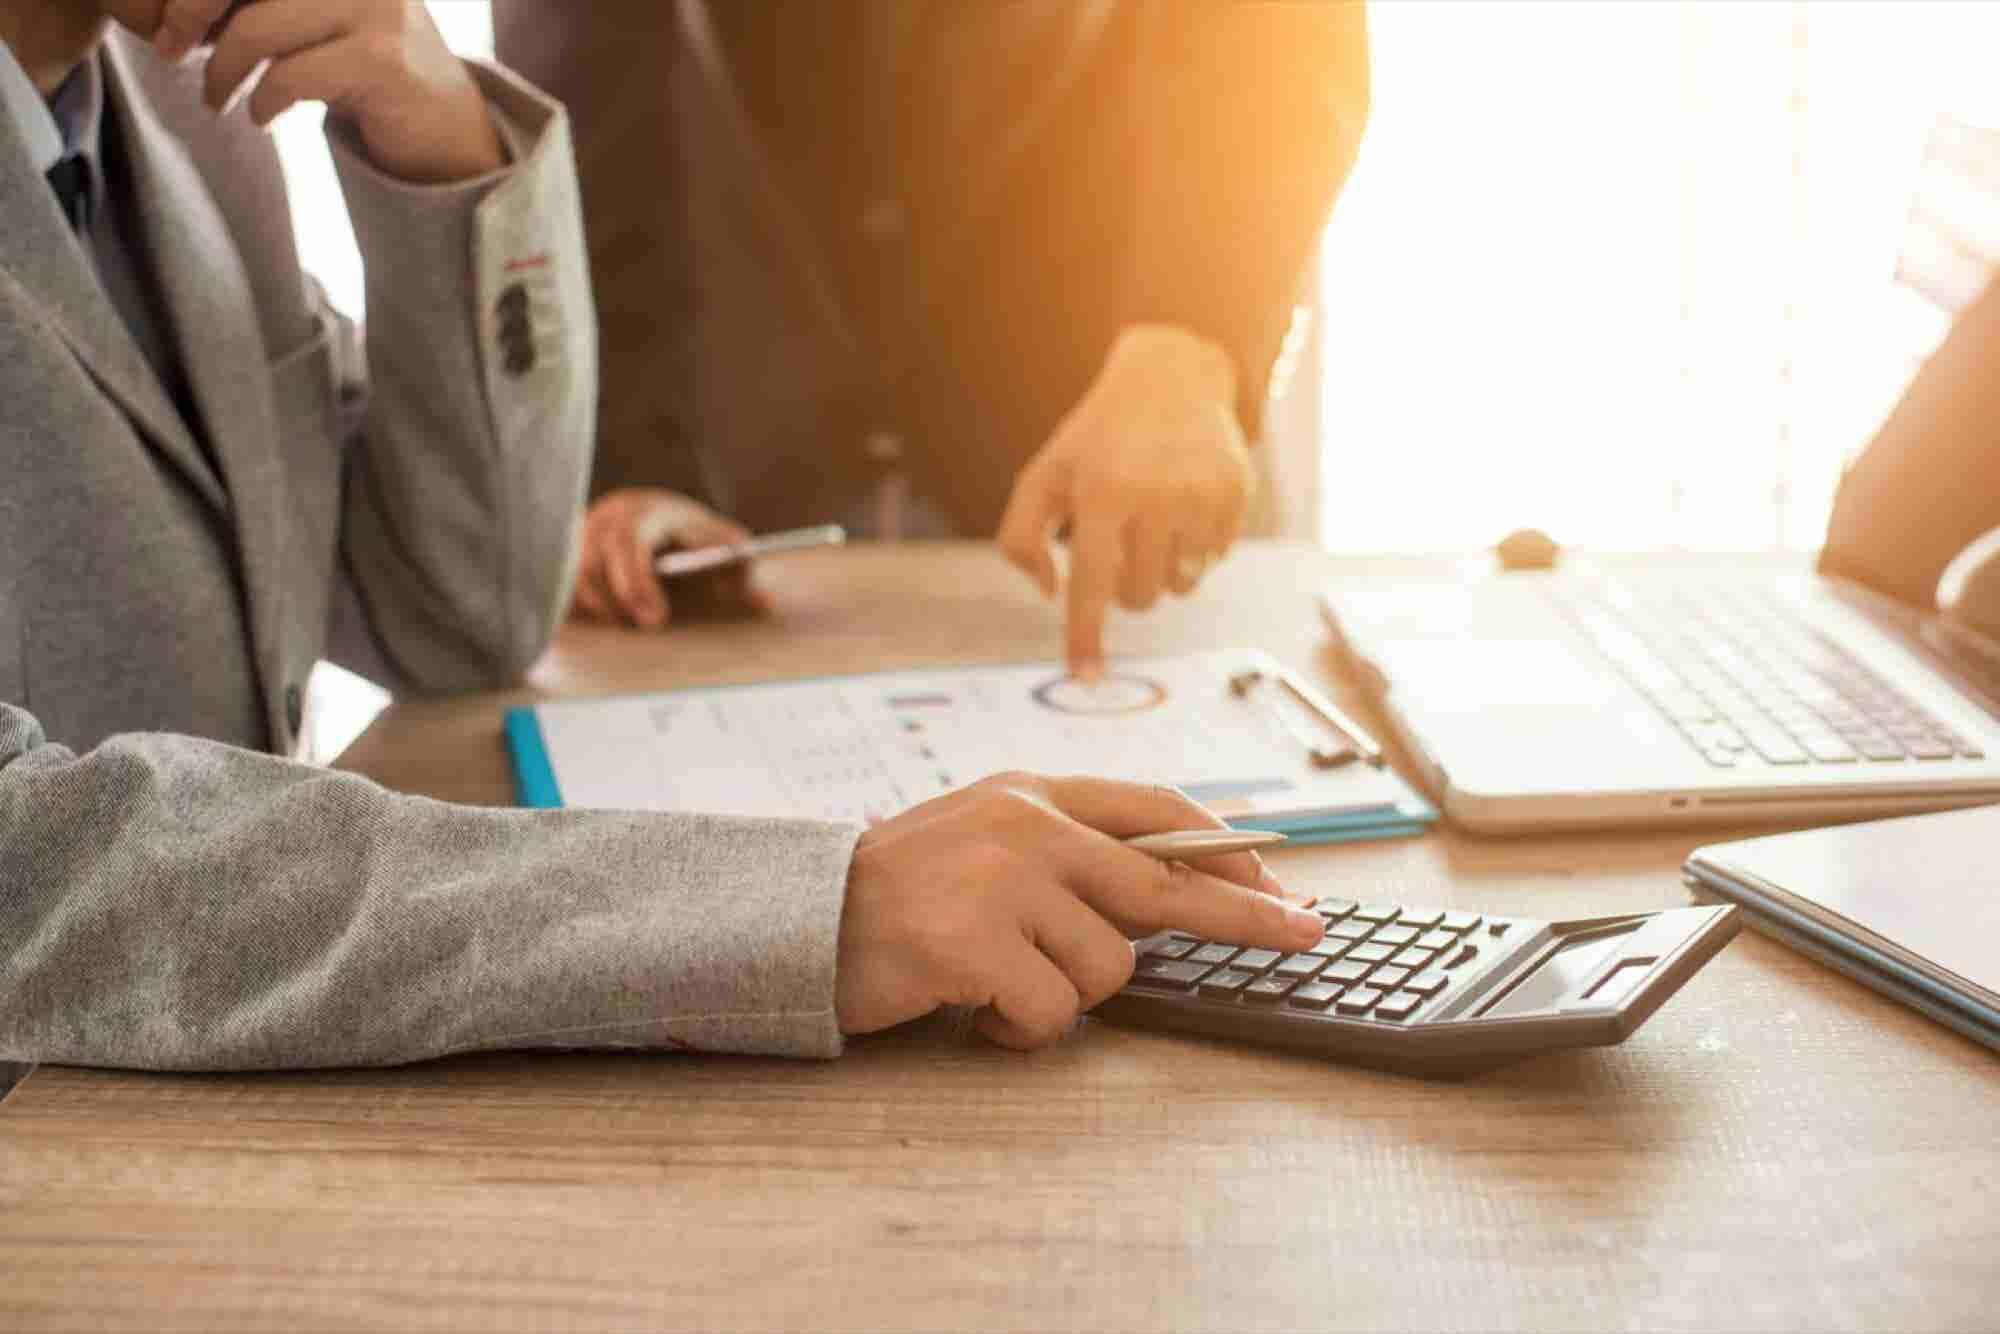 4 Huge Expenses That Can Bankrupt Unprepared Startups